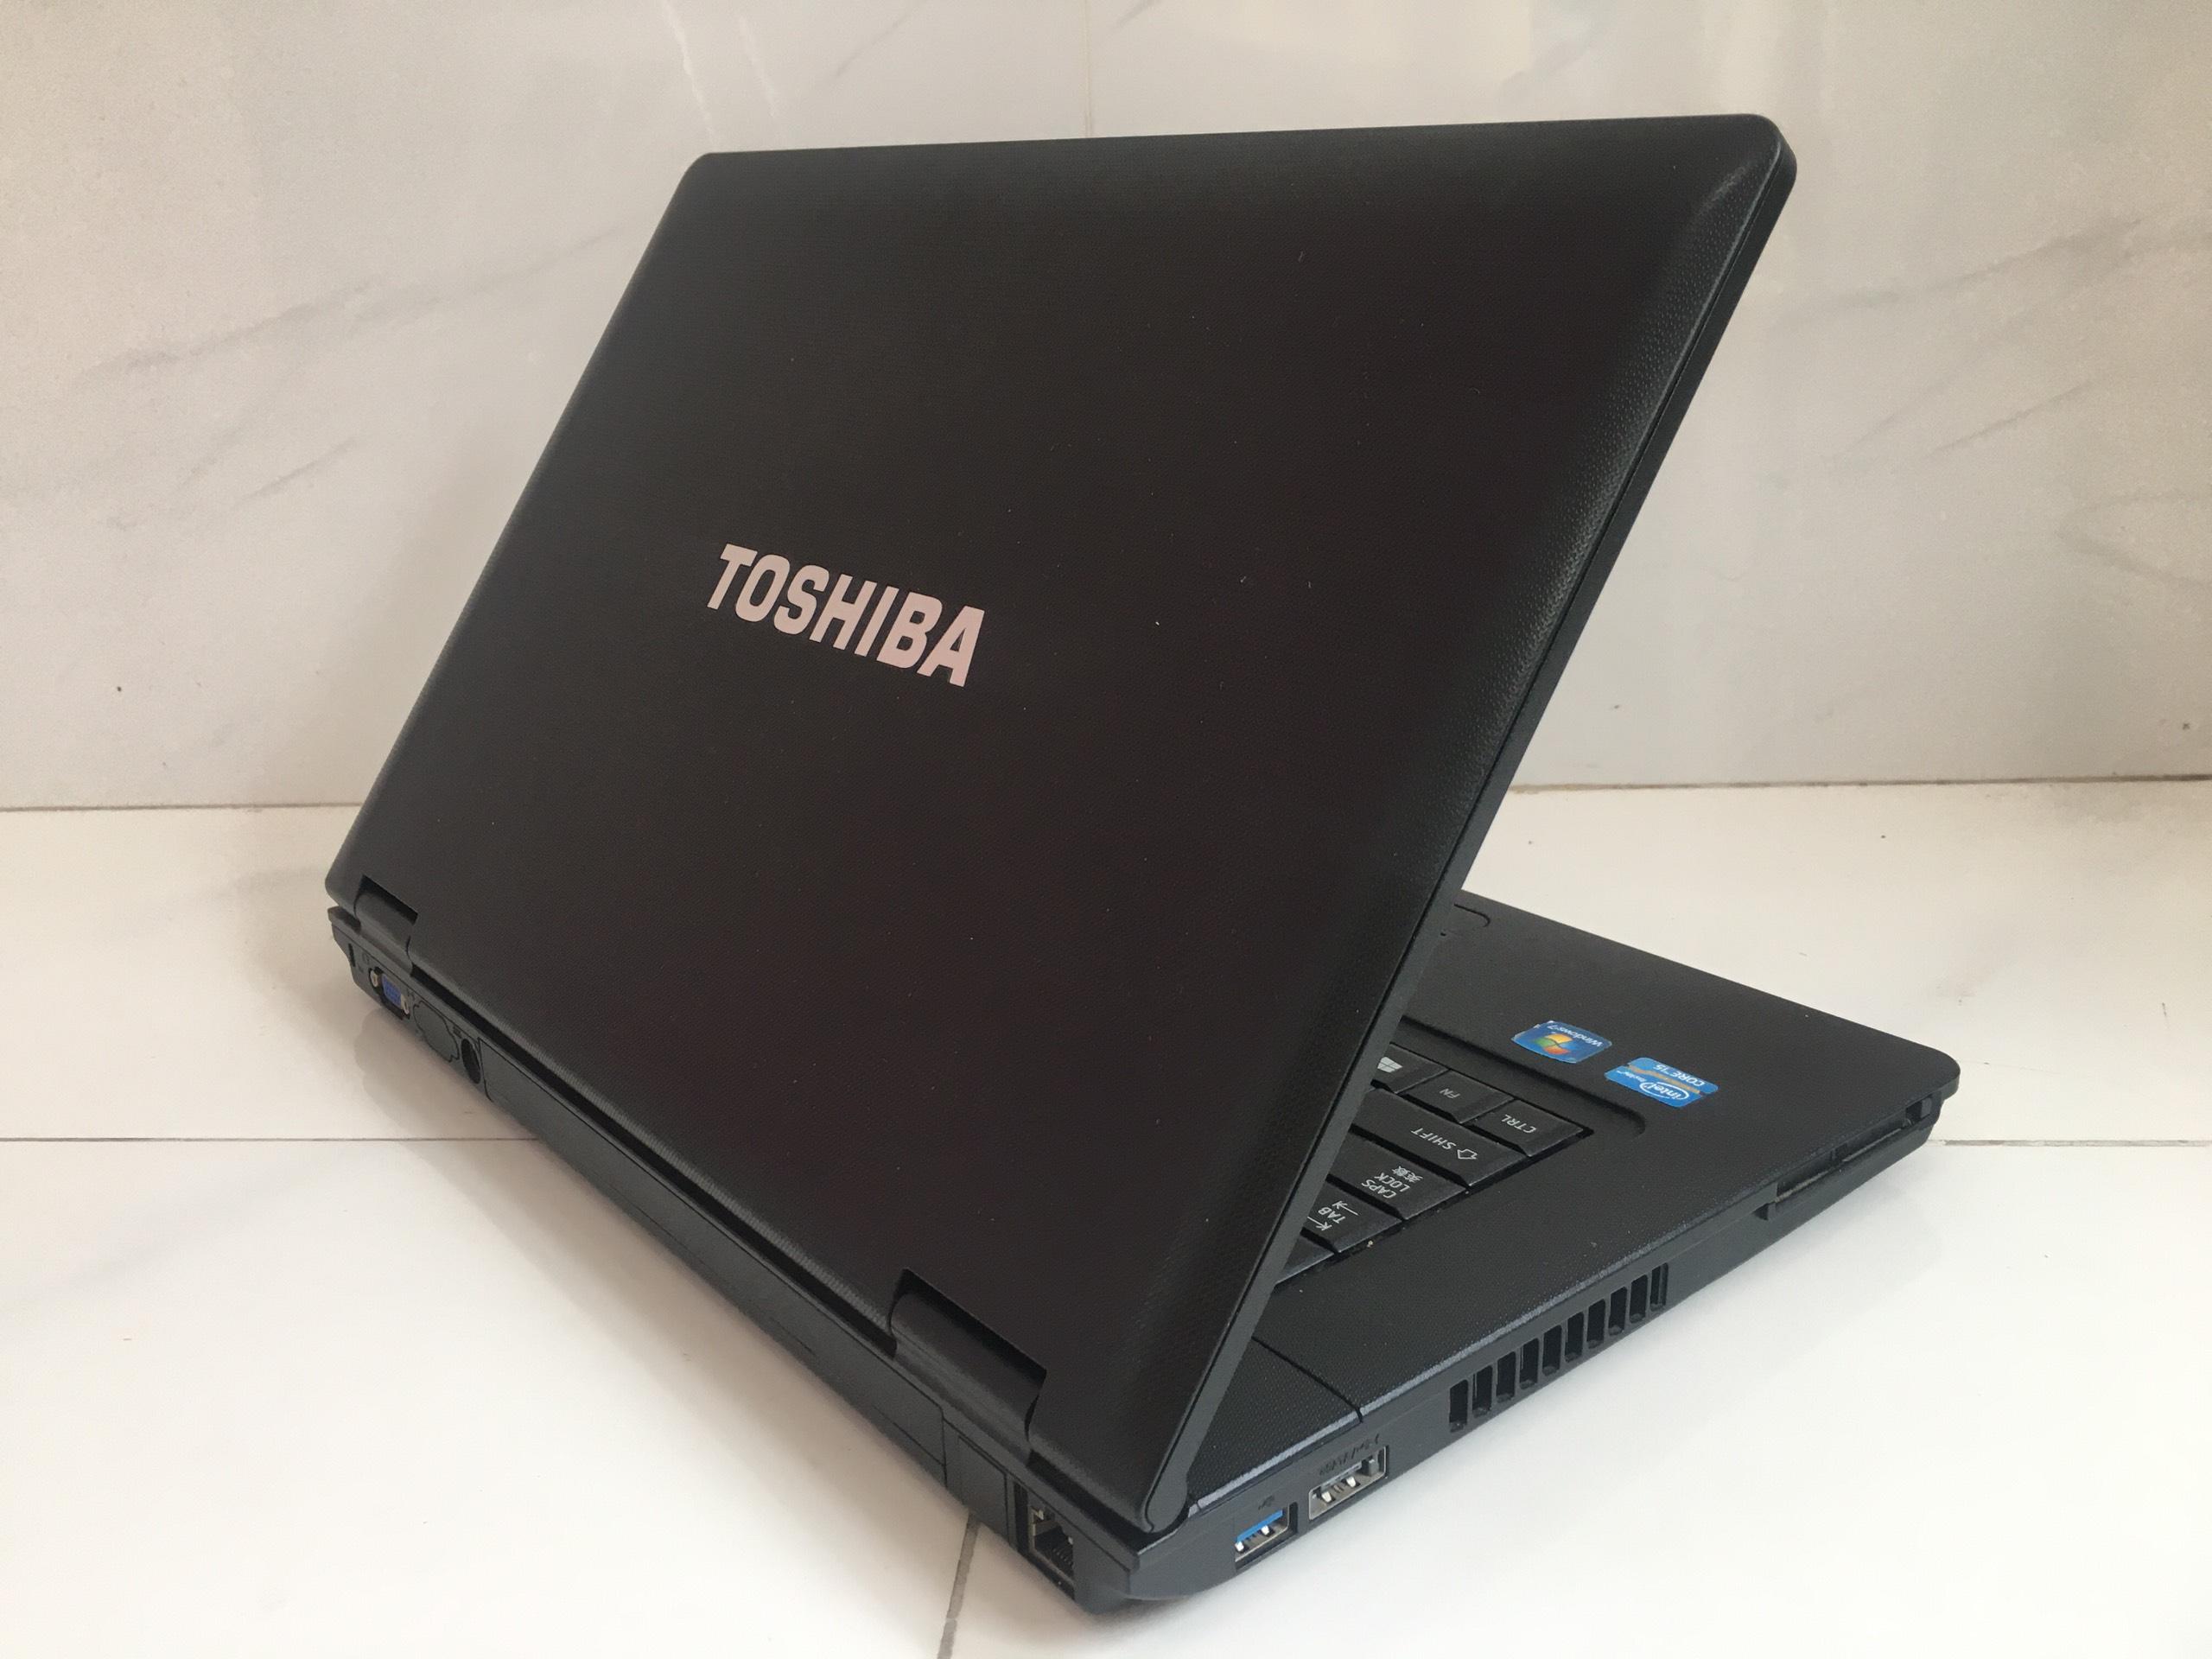 toshiba-satellite-pro-s85-6